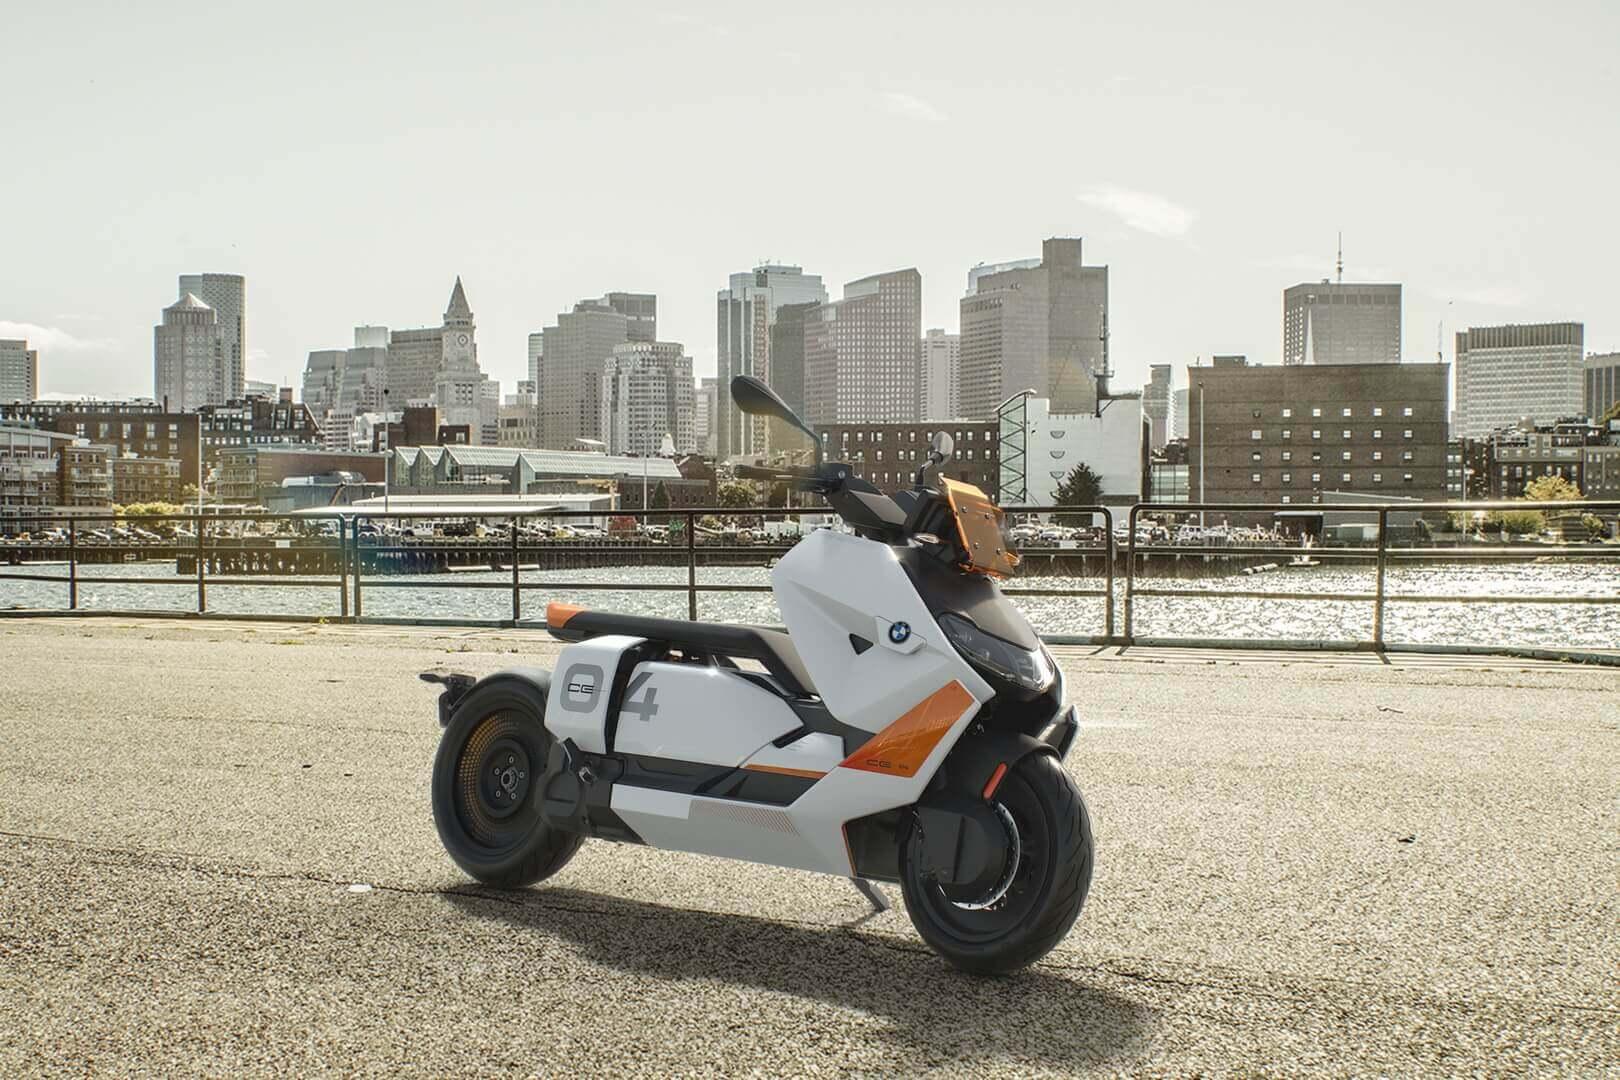 BMW CE04может двигаться задним ходом соскоростью пешего шага